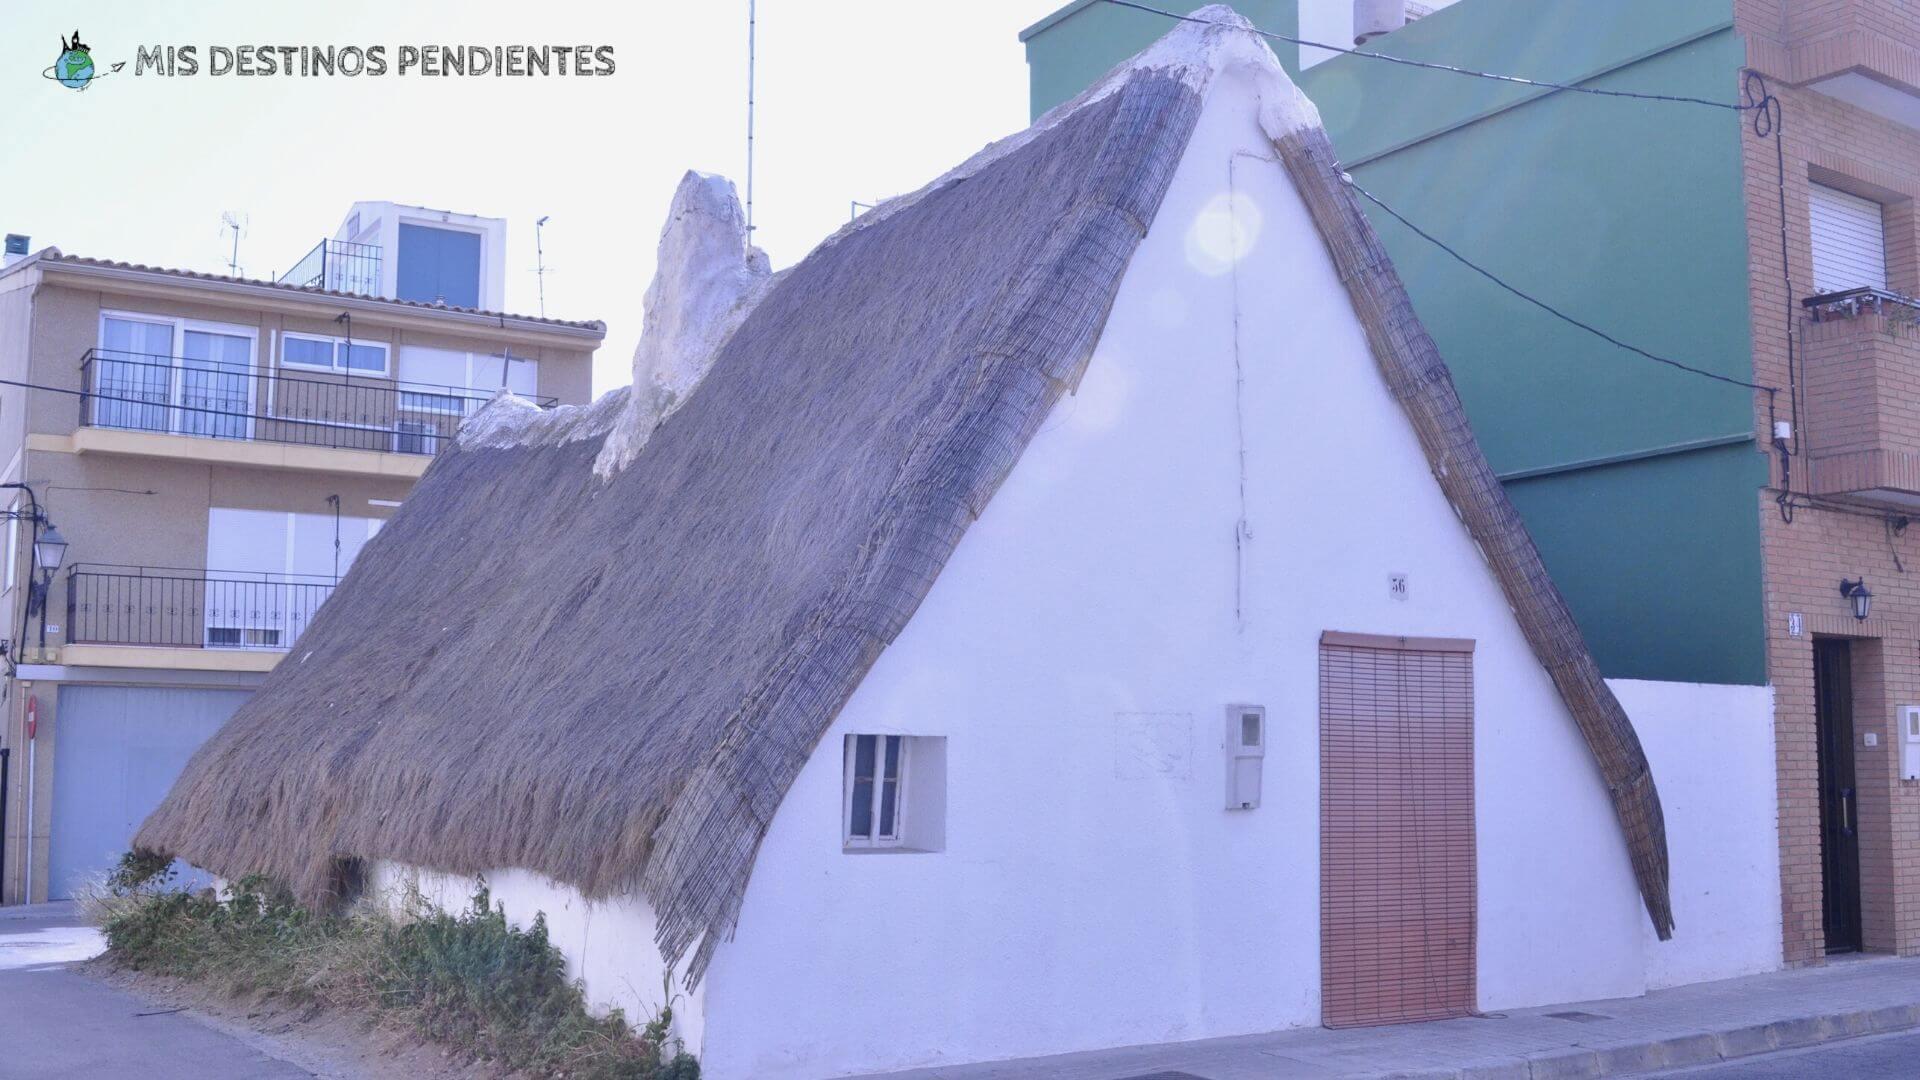 Barraca en El Palmar (Valencia, España)